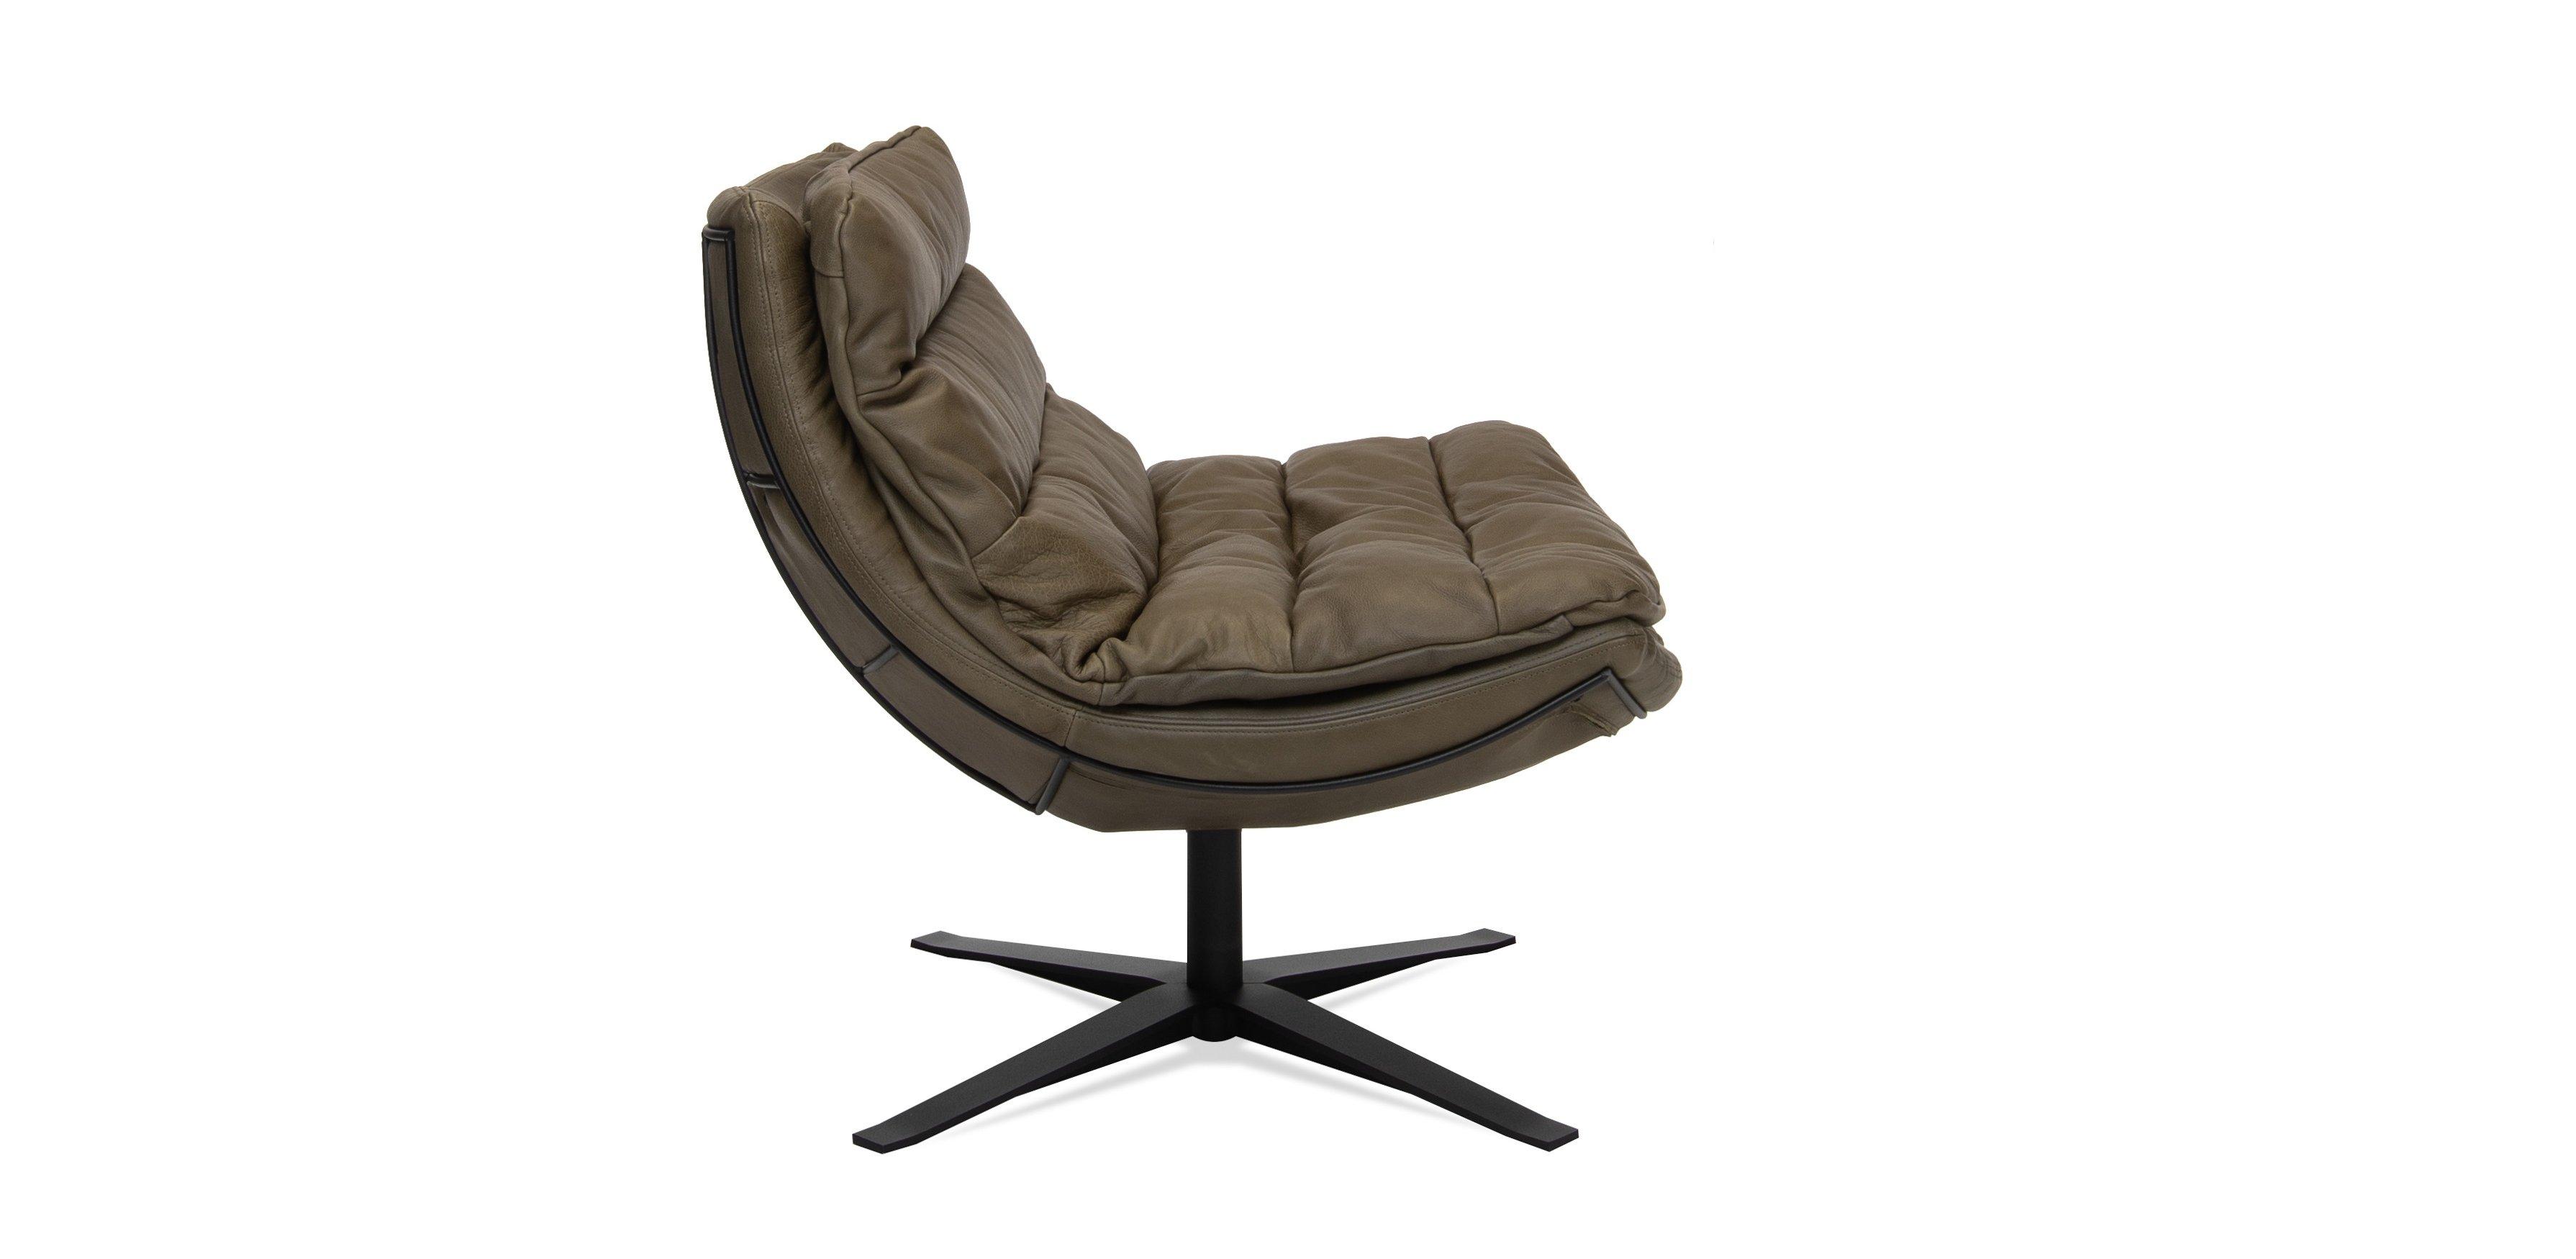 Kameraad fauteuil DYYK 4